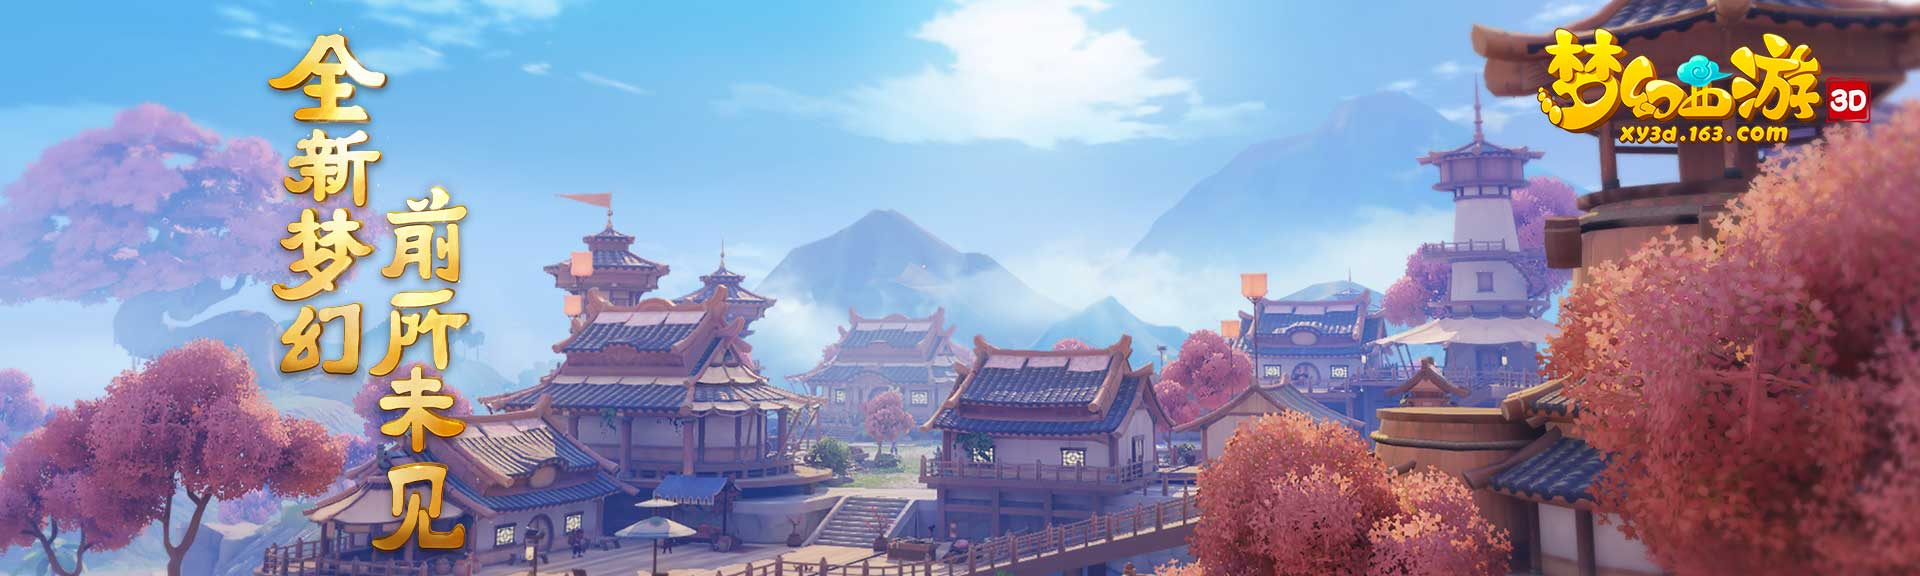 《梦幻西游3D》 首次TF测试10月17日开启,实机玩法视频曝光!